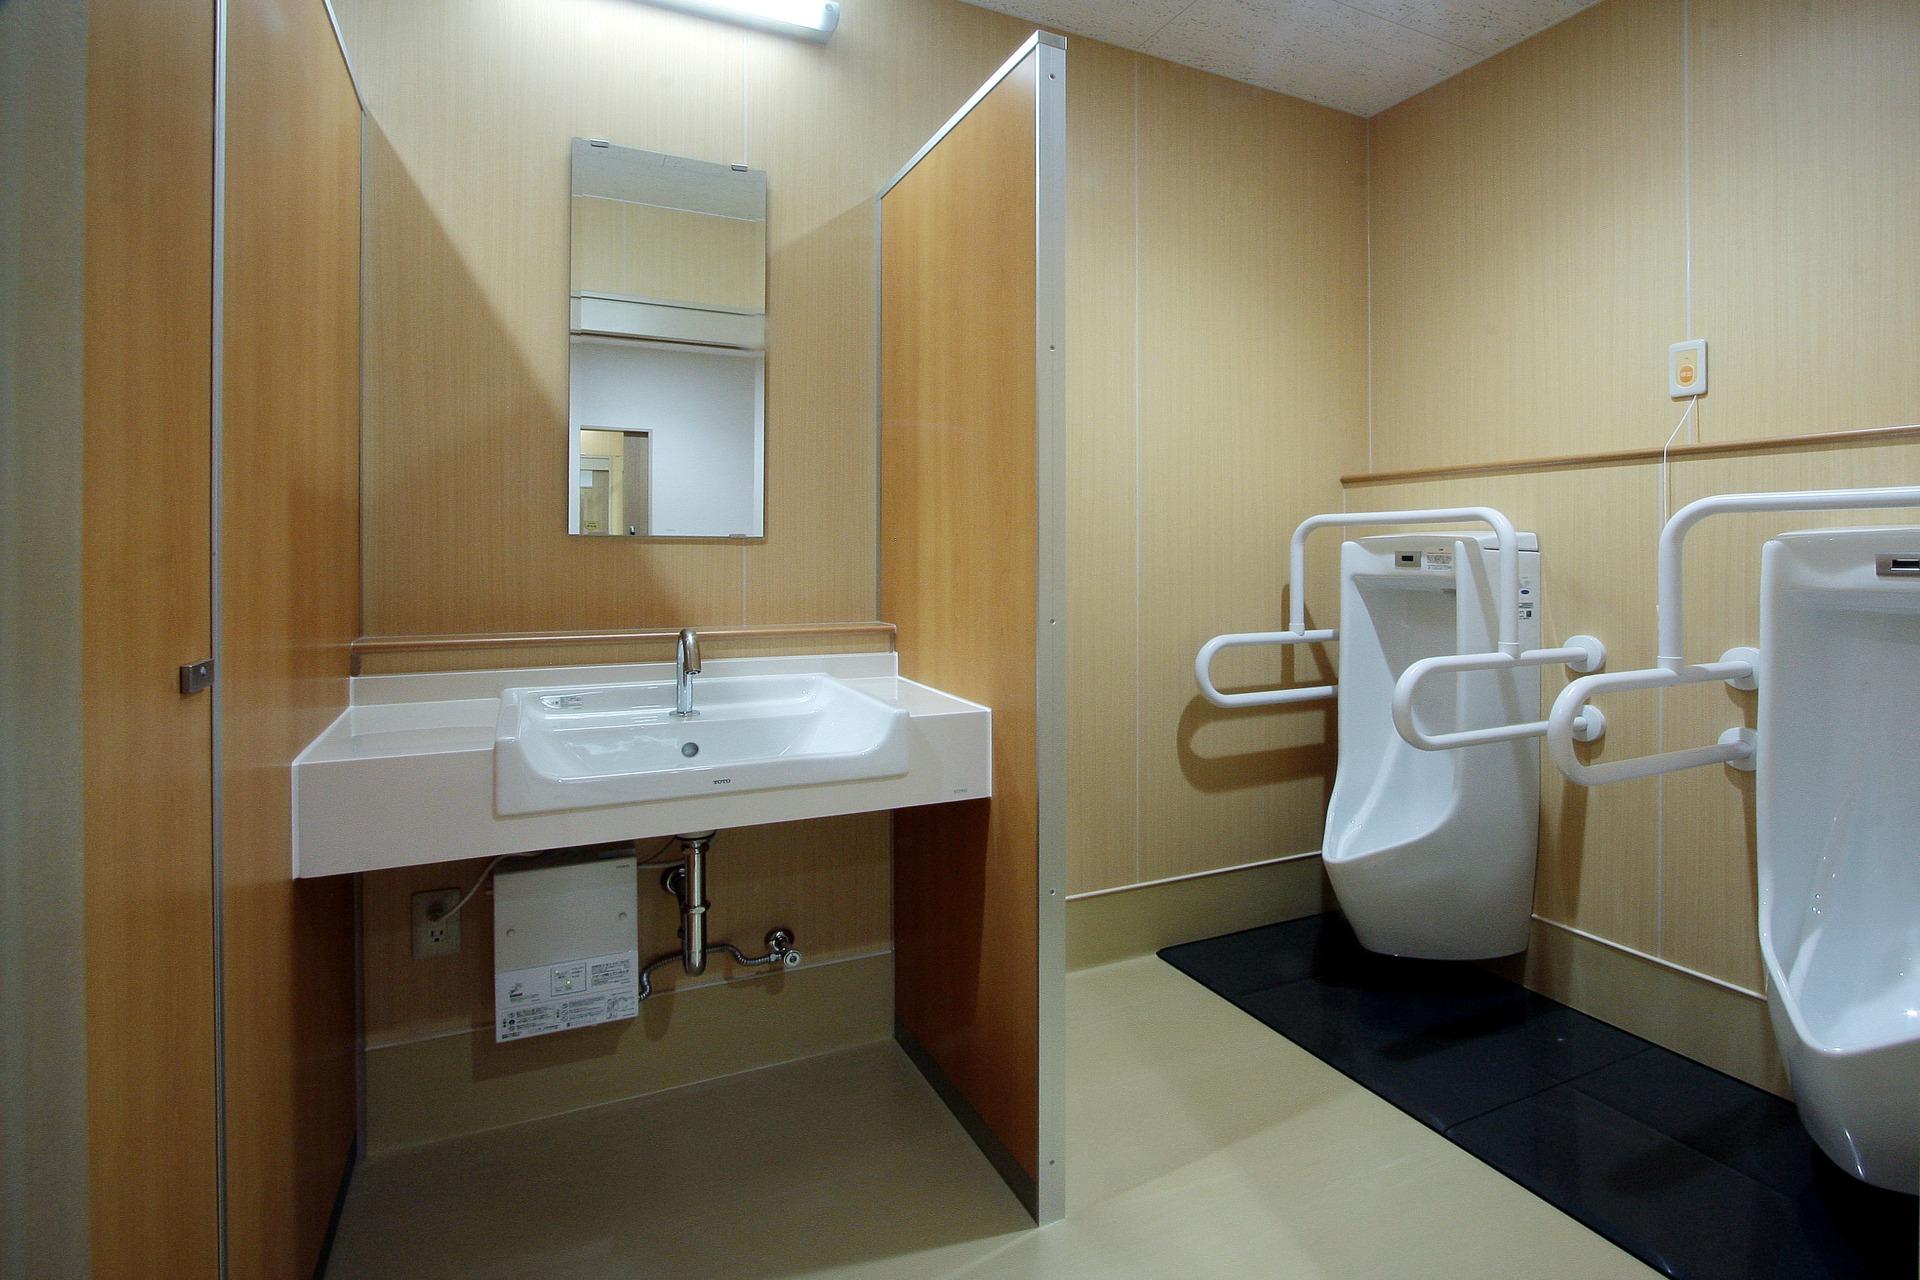 03新船小屋病院住宅型有料老人ホーム_お手洗い